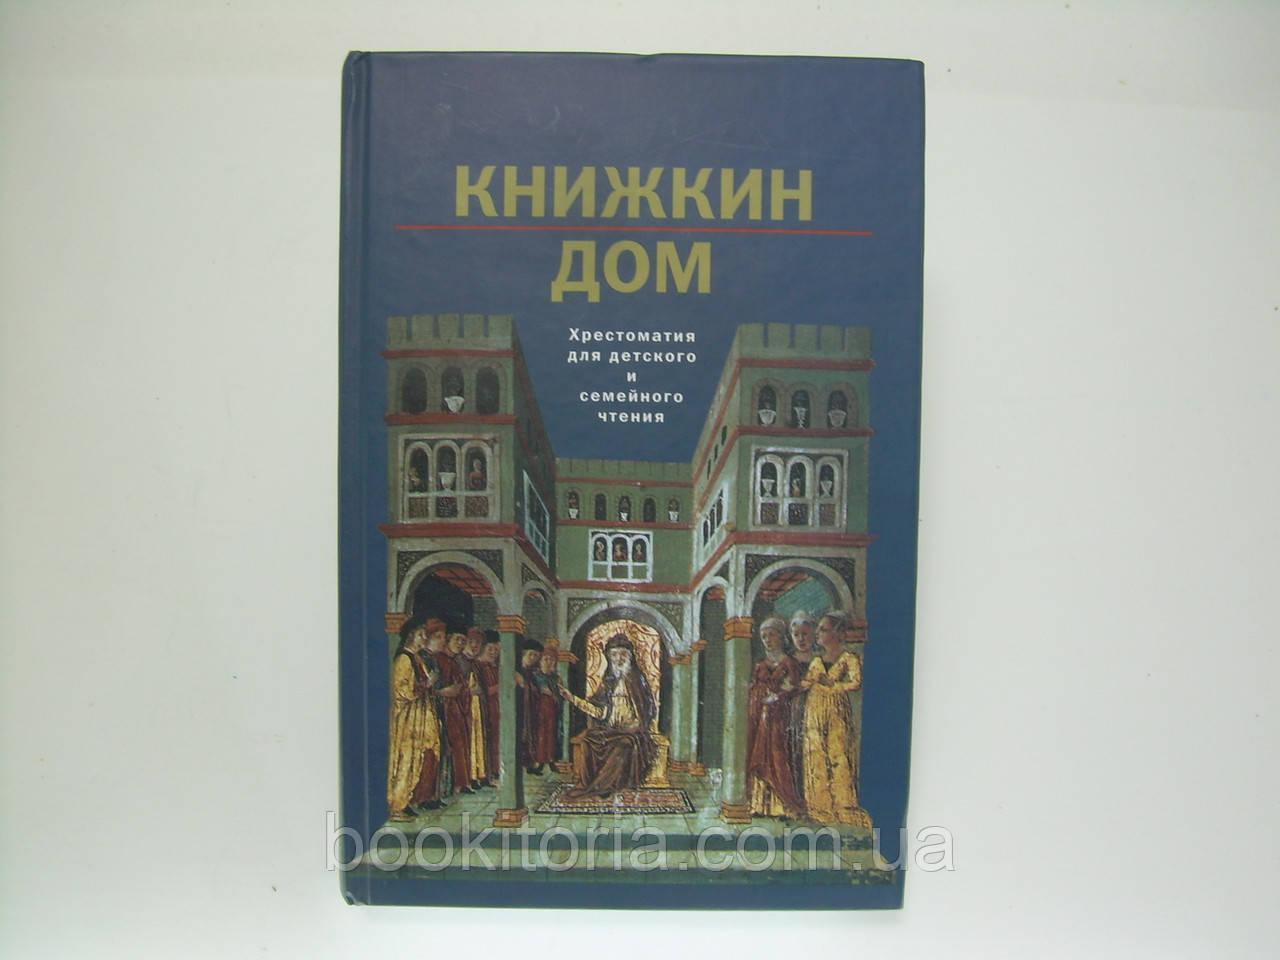 Книжкин дом. Хрестоматия для детского и семейного чтения (б/у).